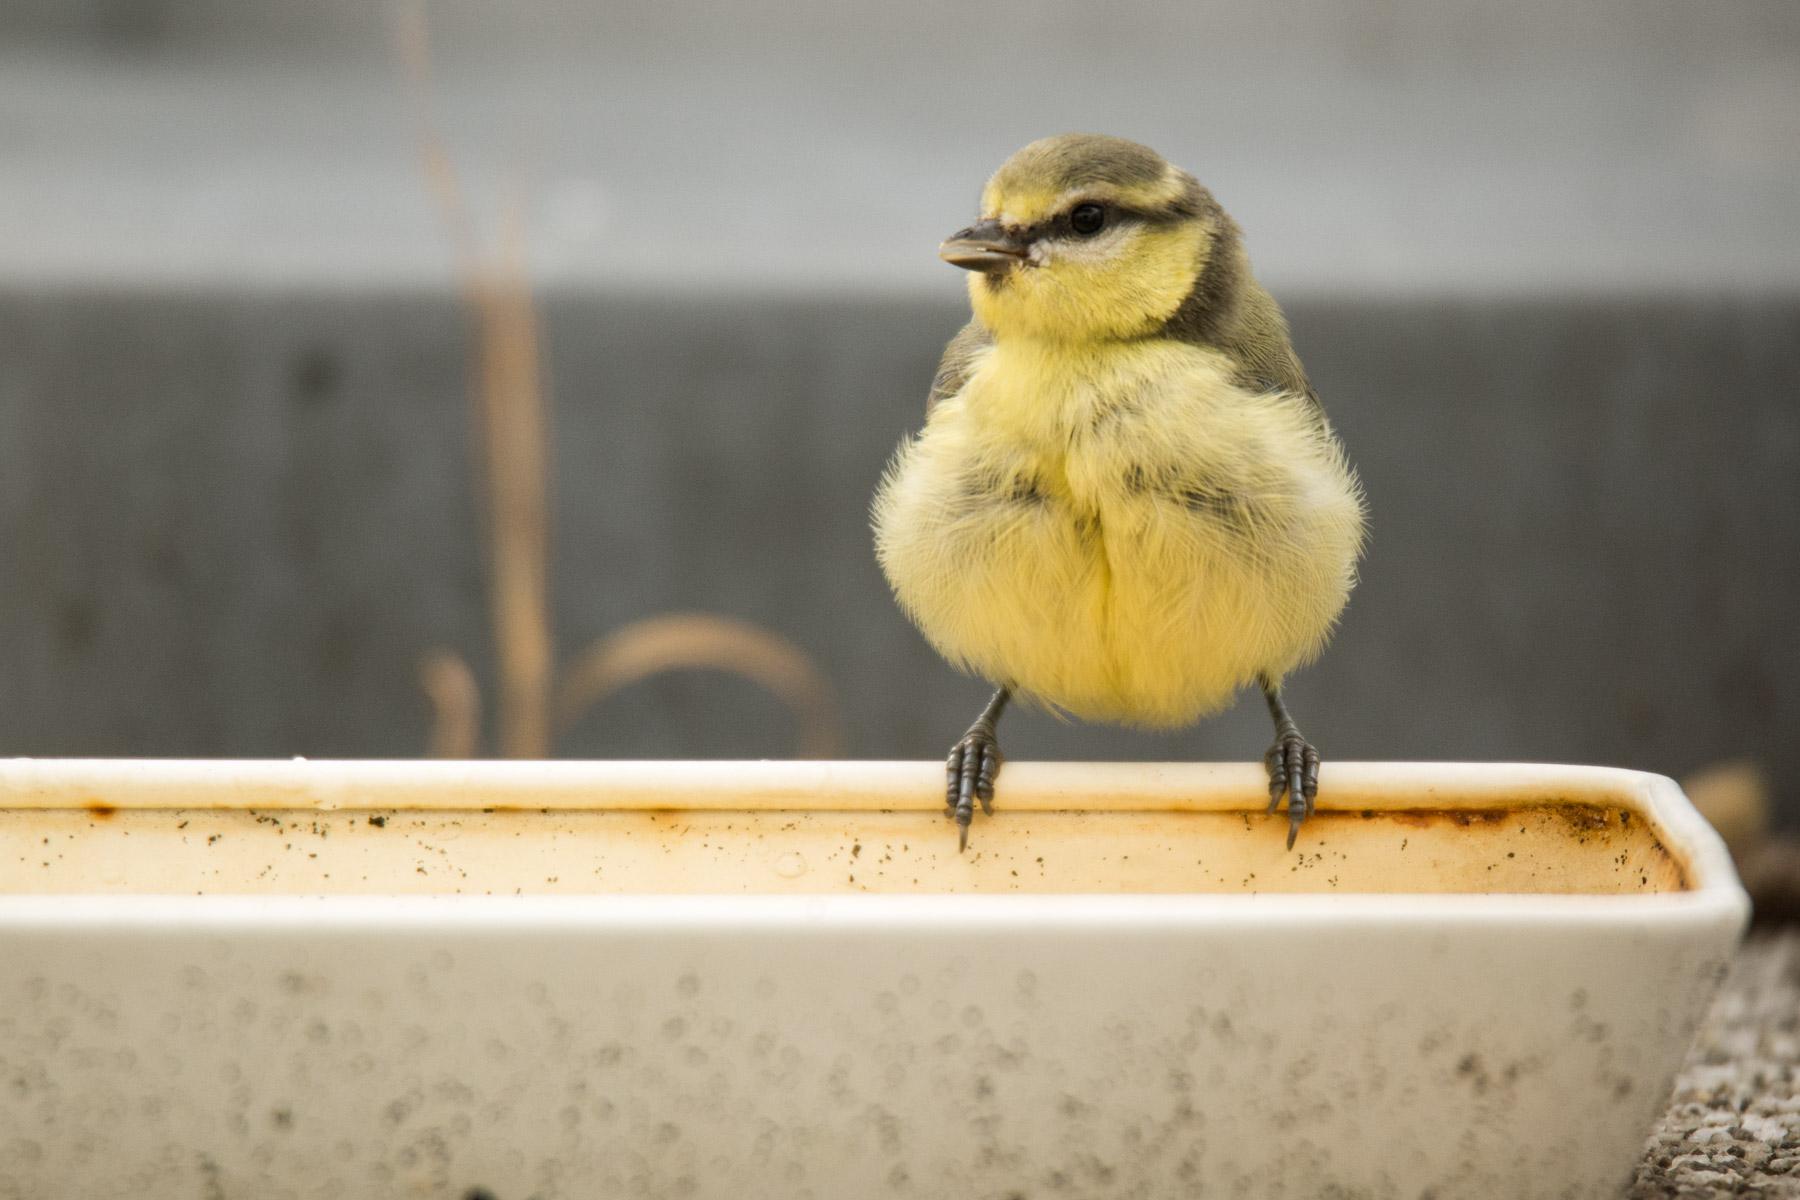 Vogeltränke - Naturschutz zum Mitmachen | Raus Jetzt ...